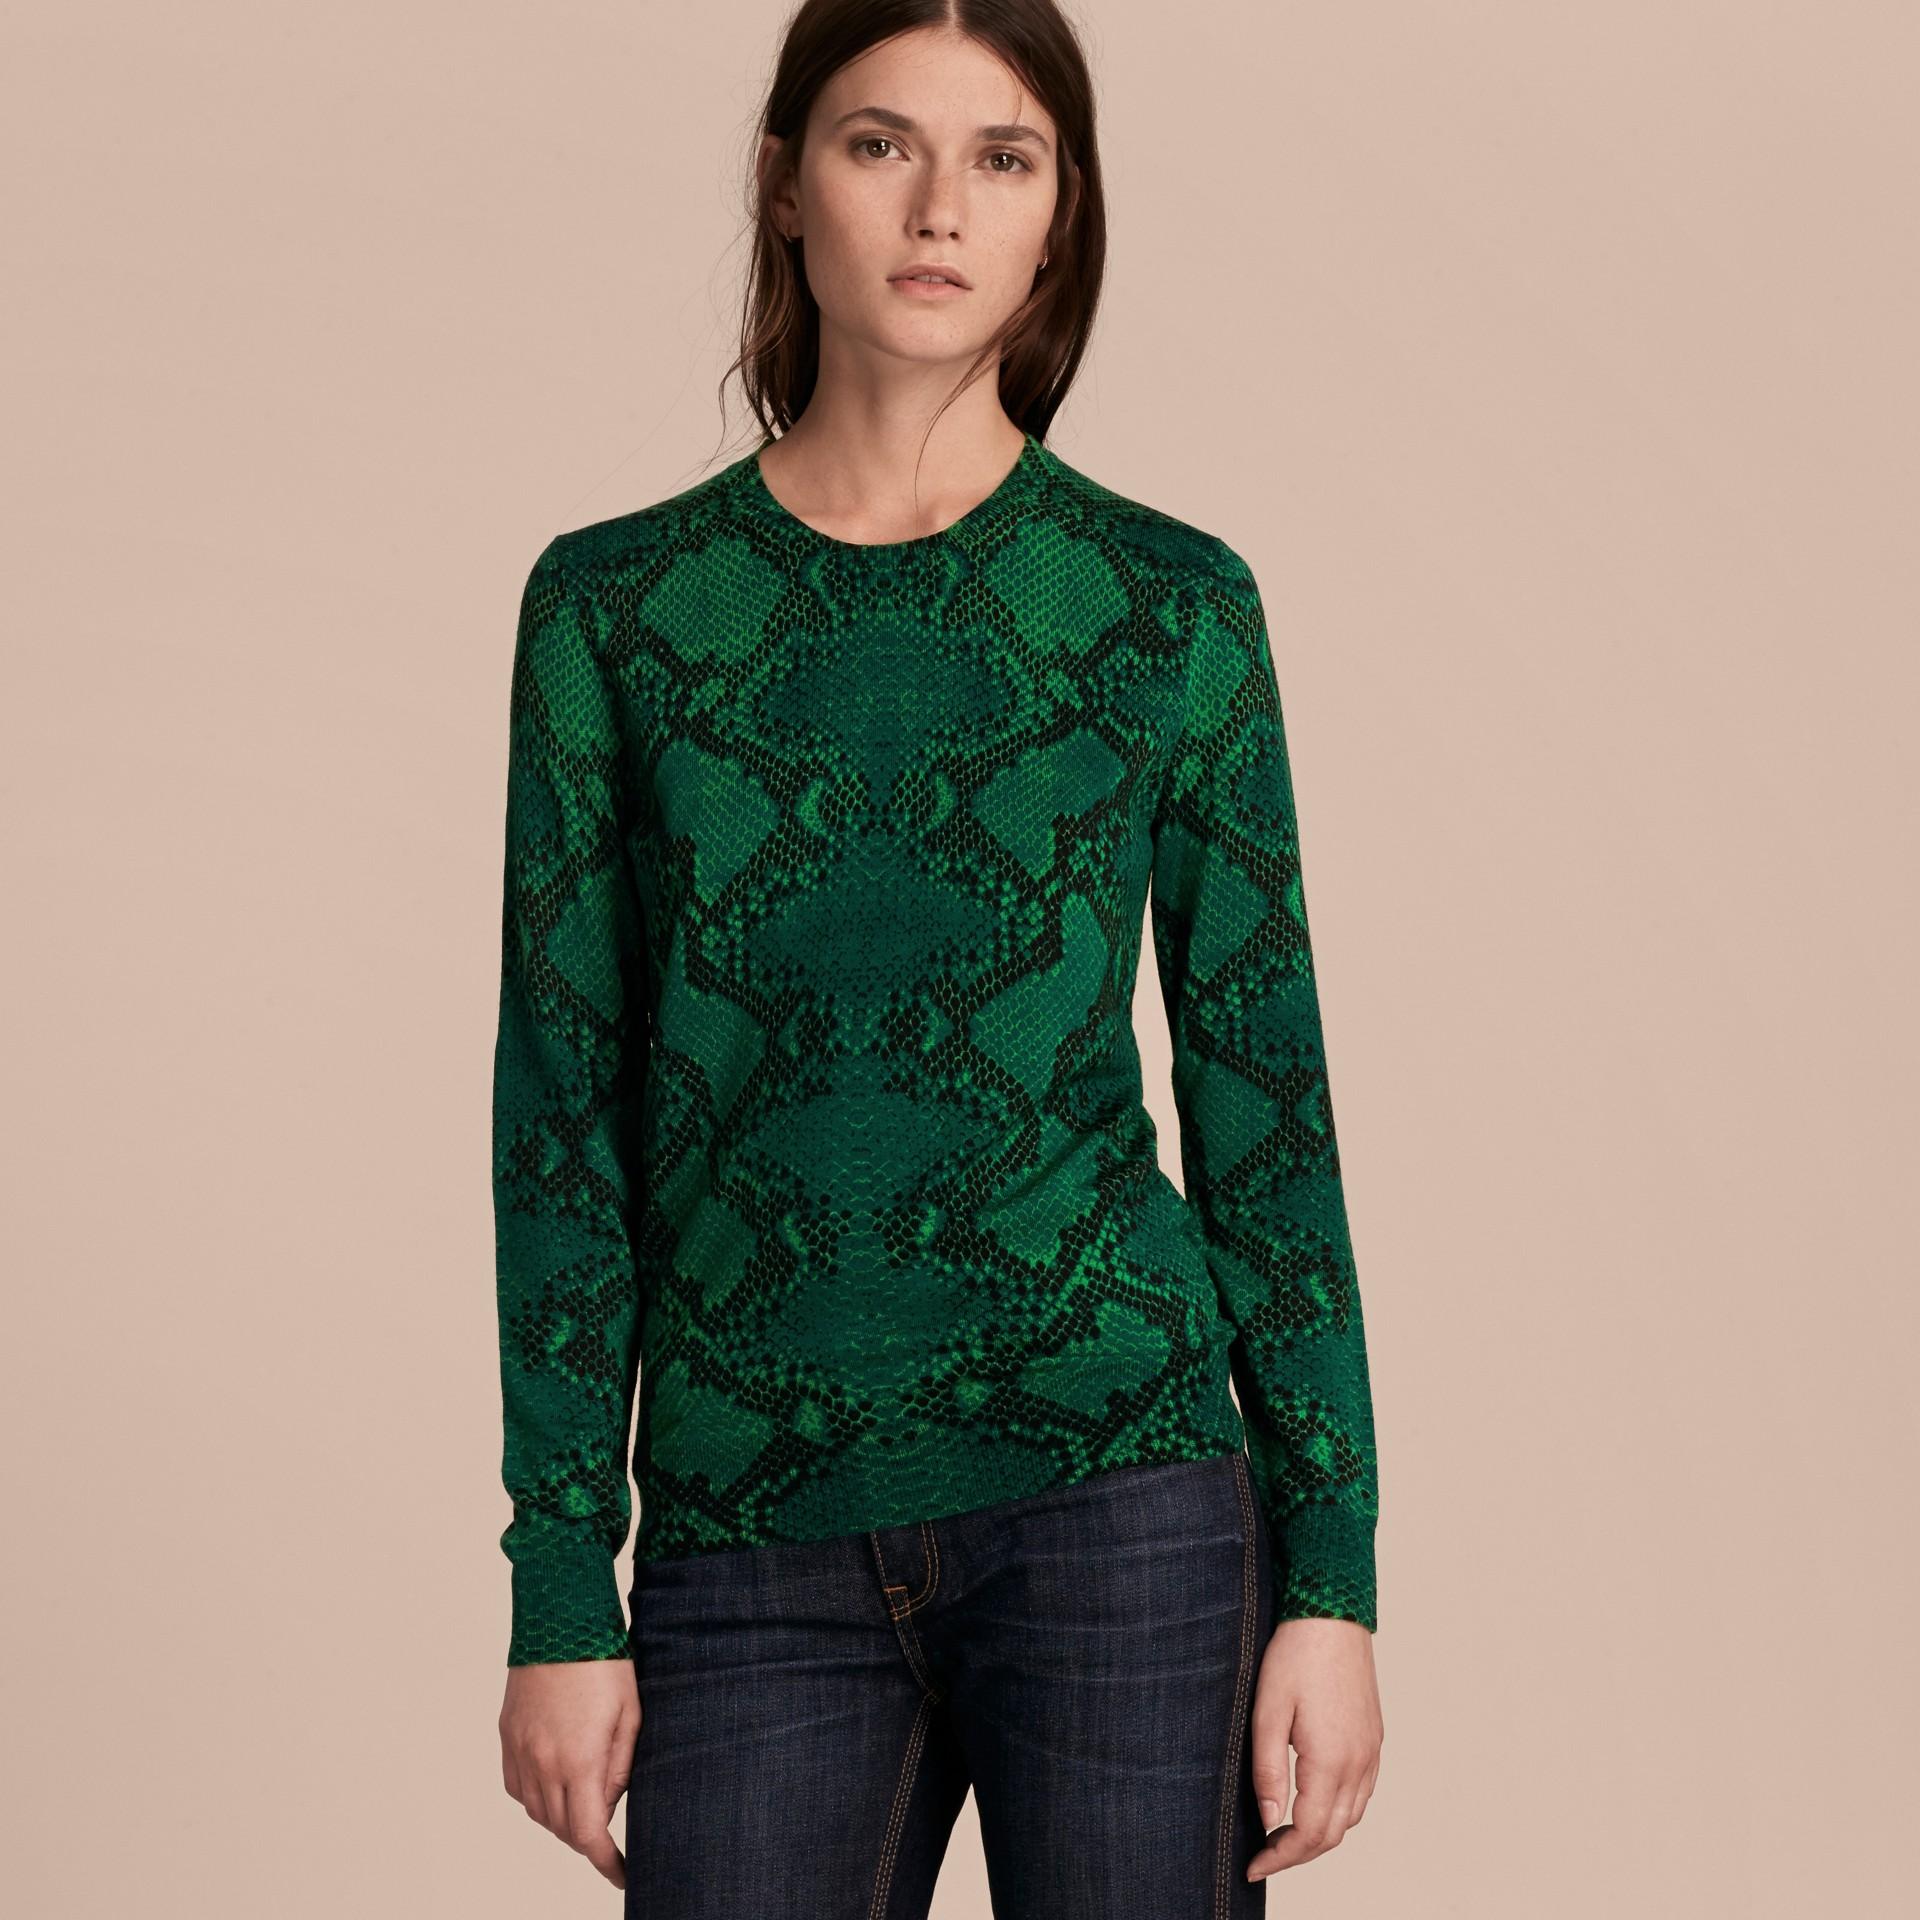 顏料綠 格紋裝飾蟒紋美麗諾羊毛套頭衫 顏料綠 - 圖庫照片 6